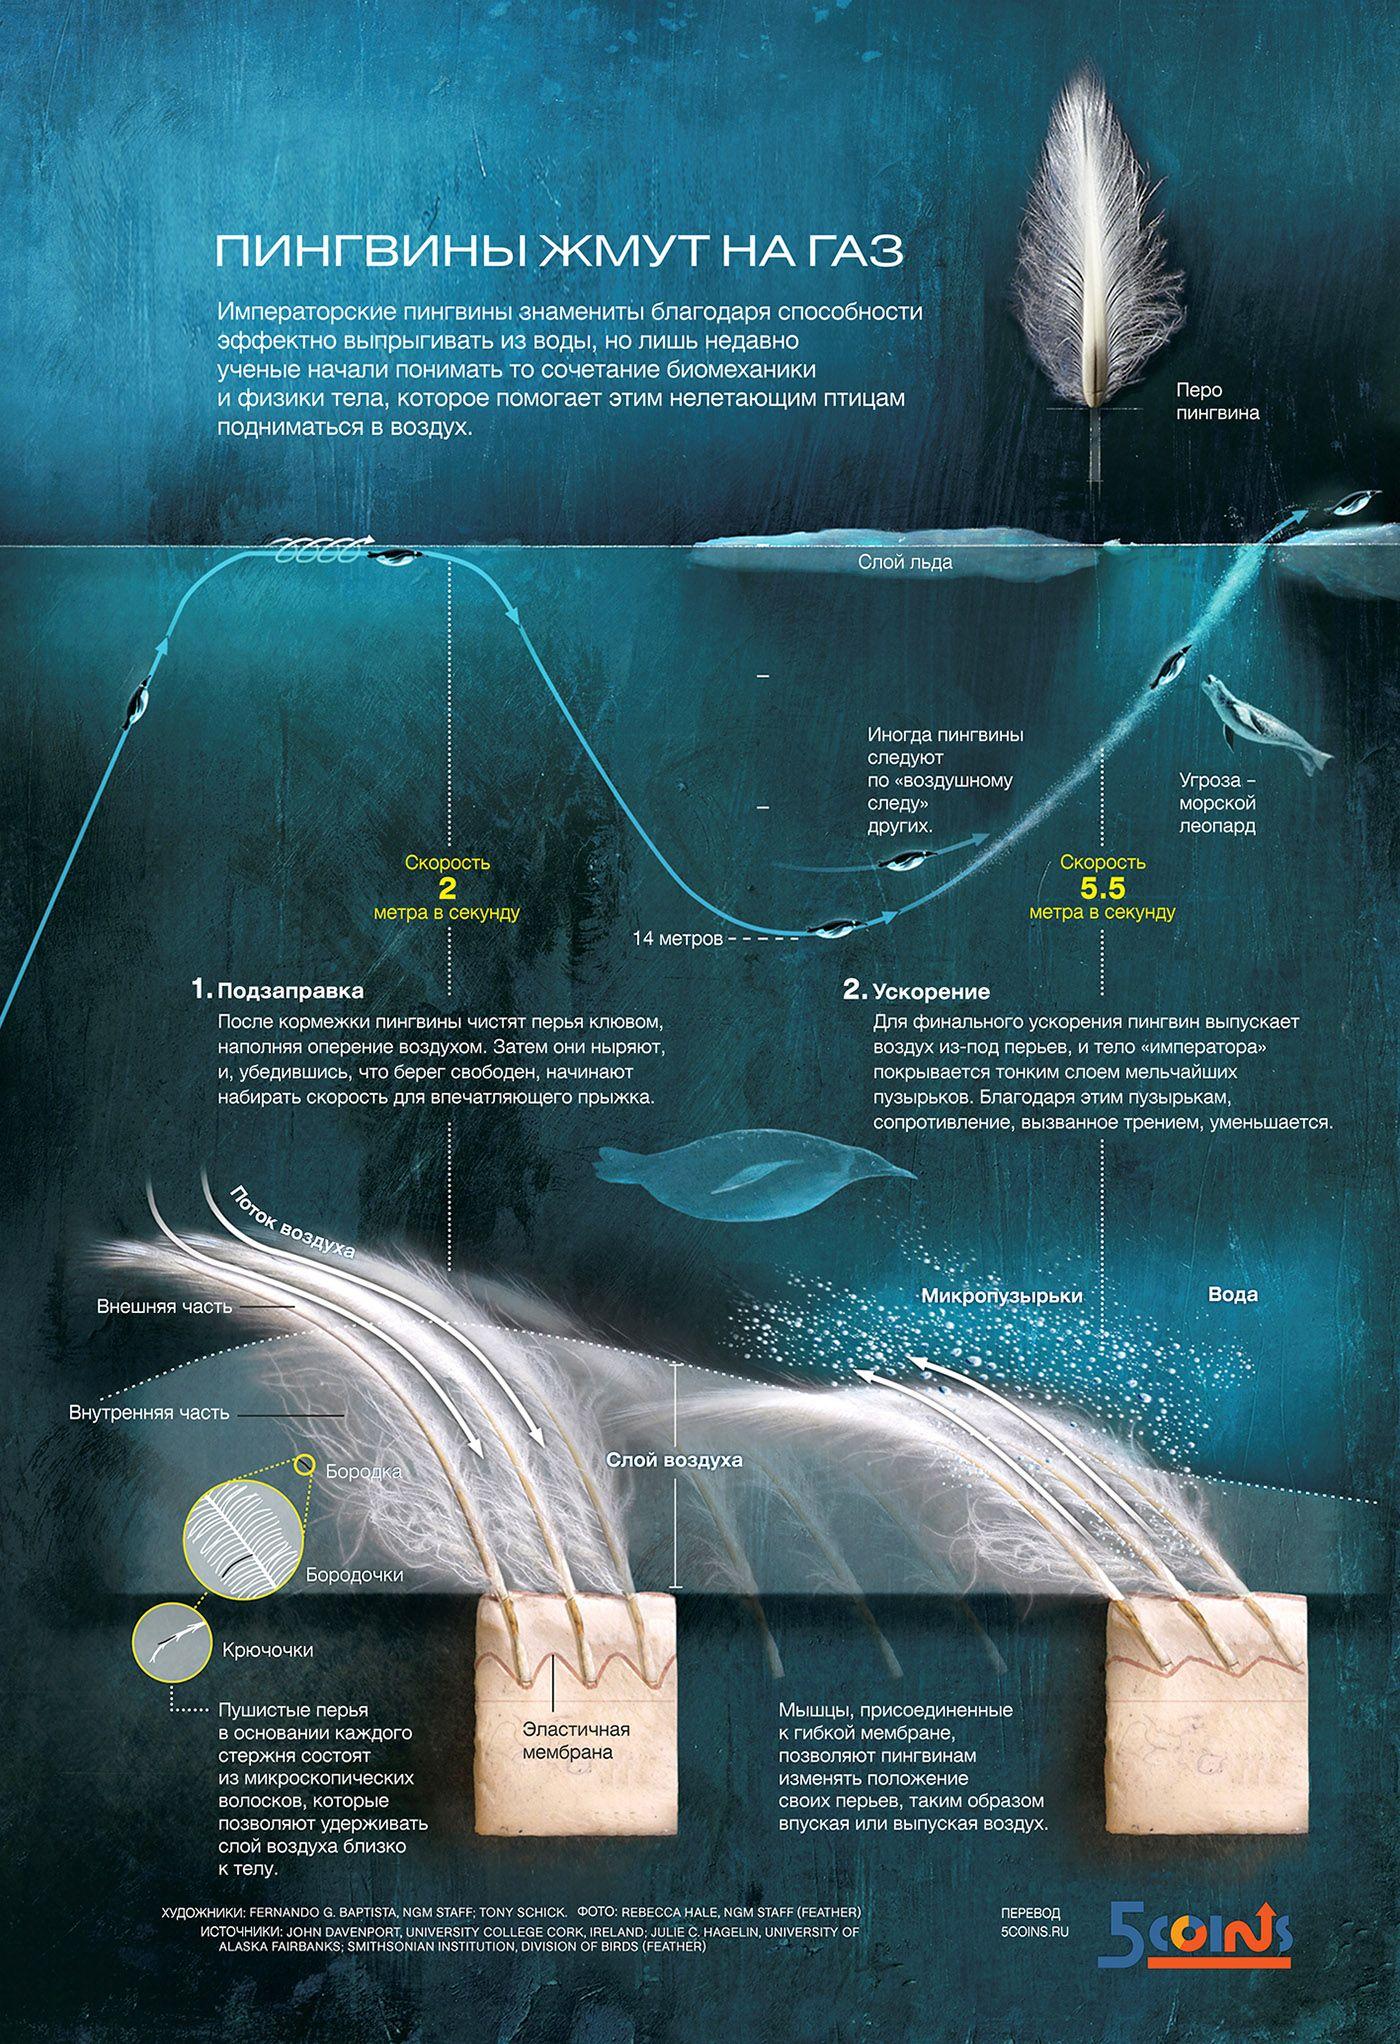 Инфографика: Пингвины жмут на газ